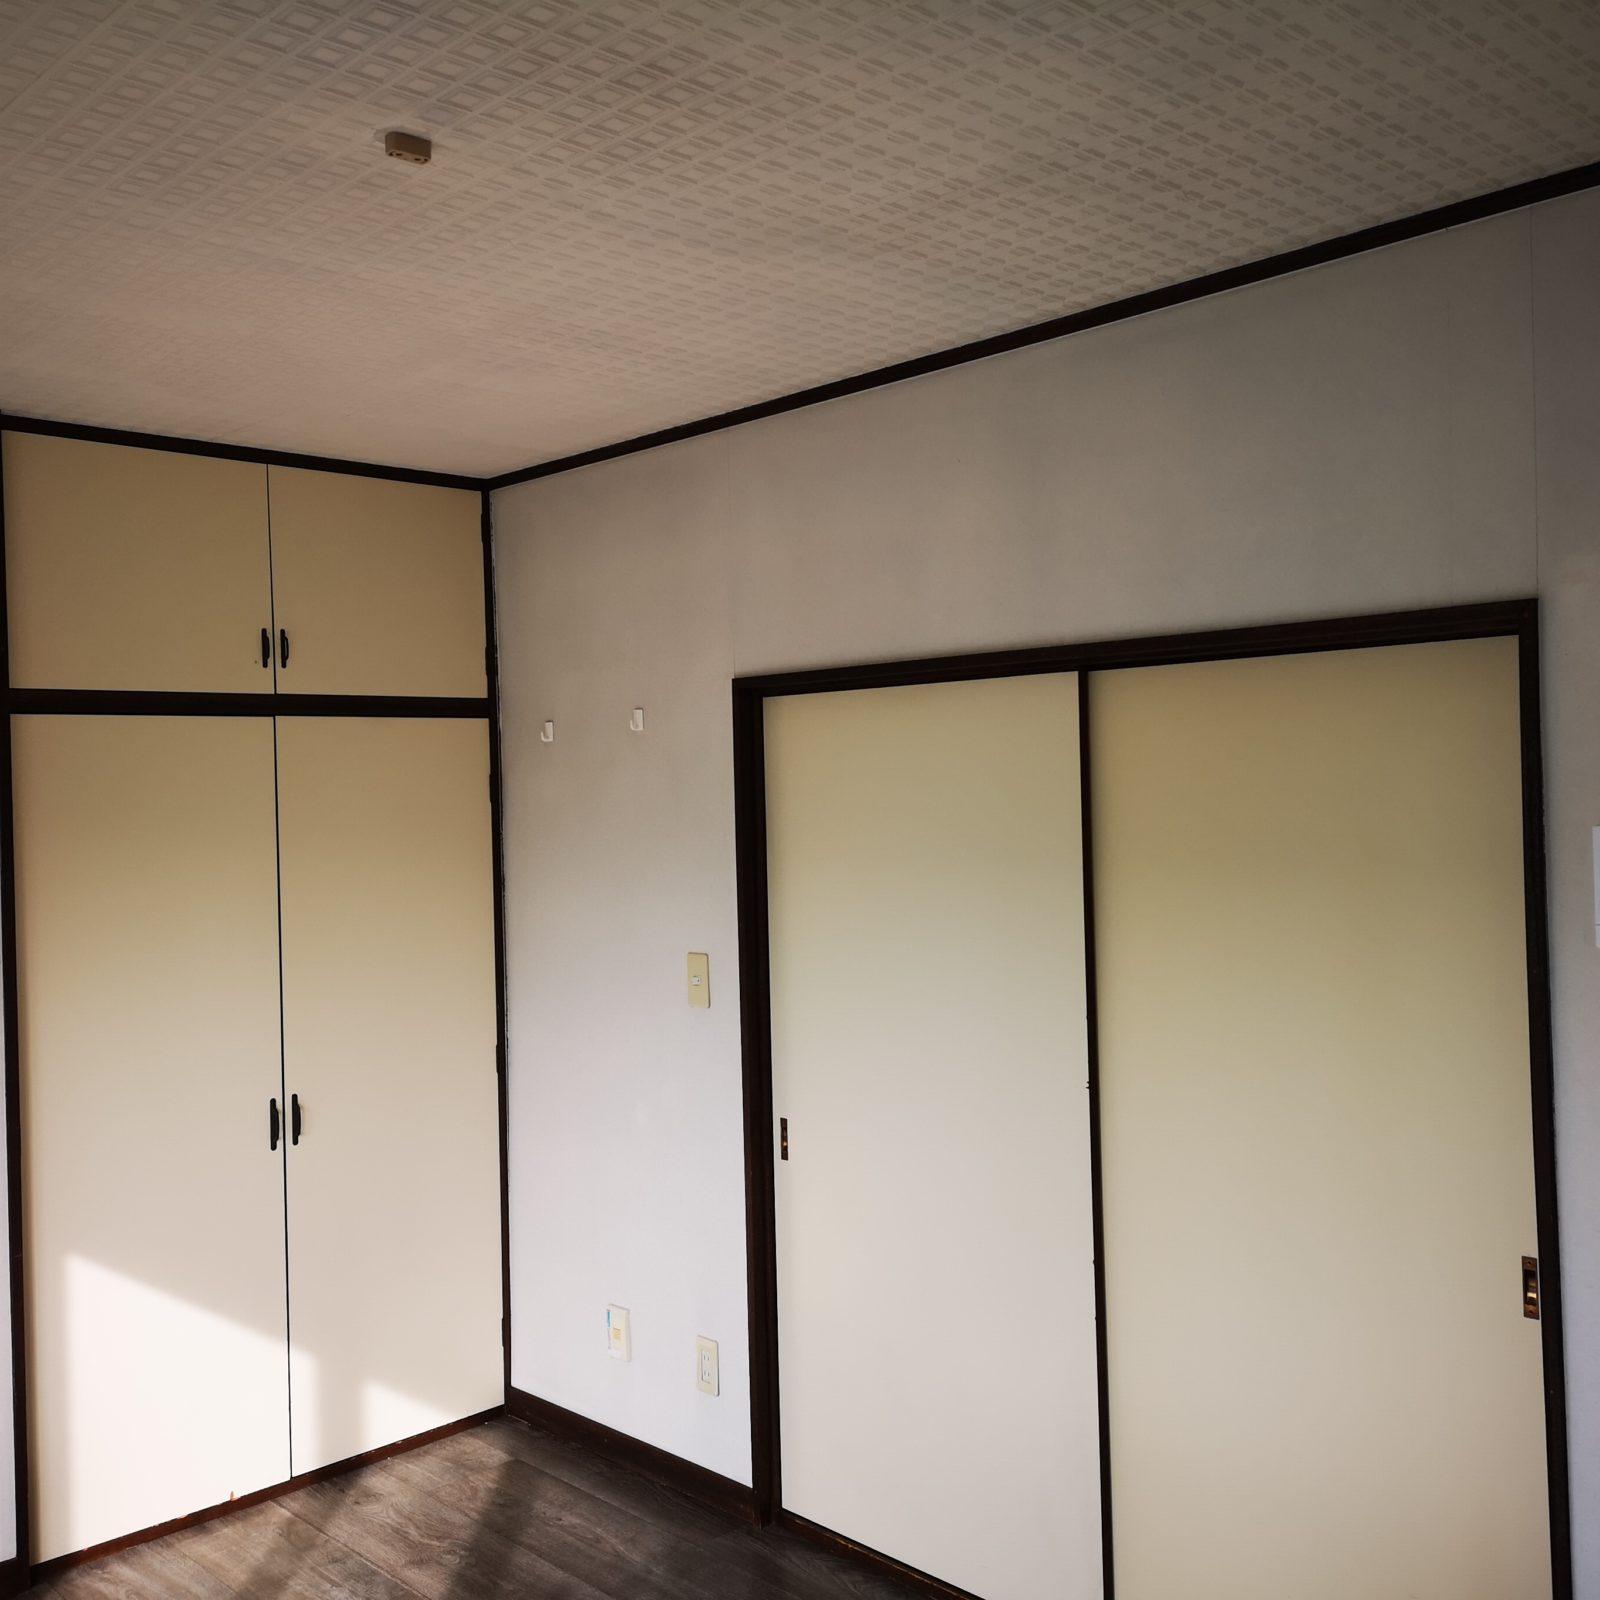 室内・収納ドア(リメイクシート施工)